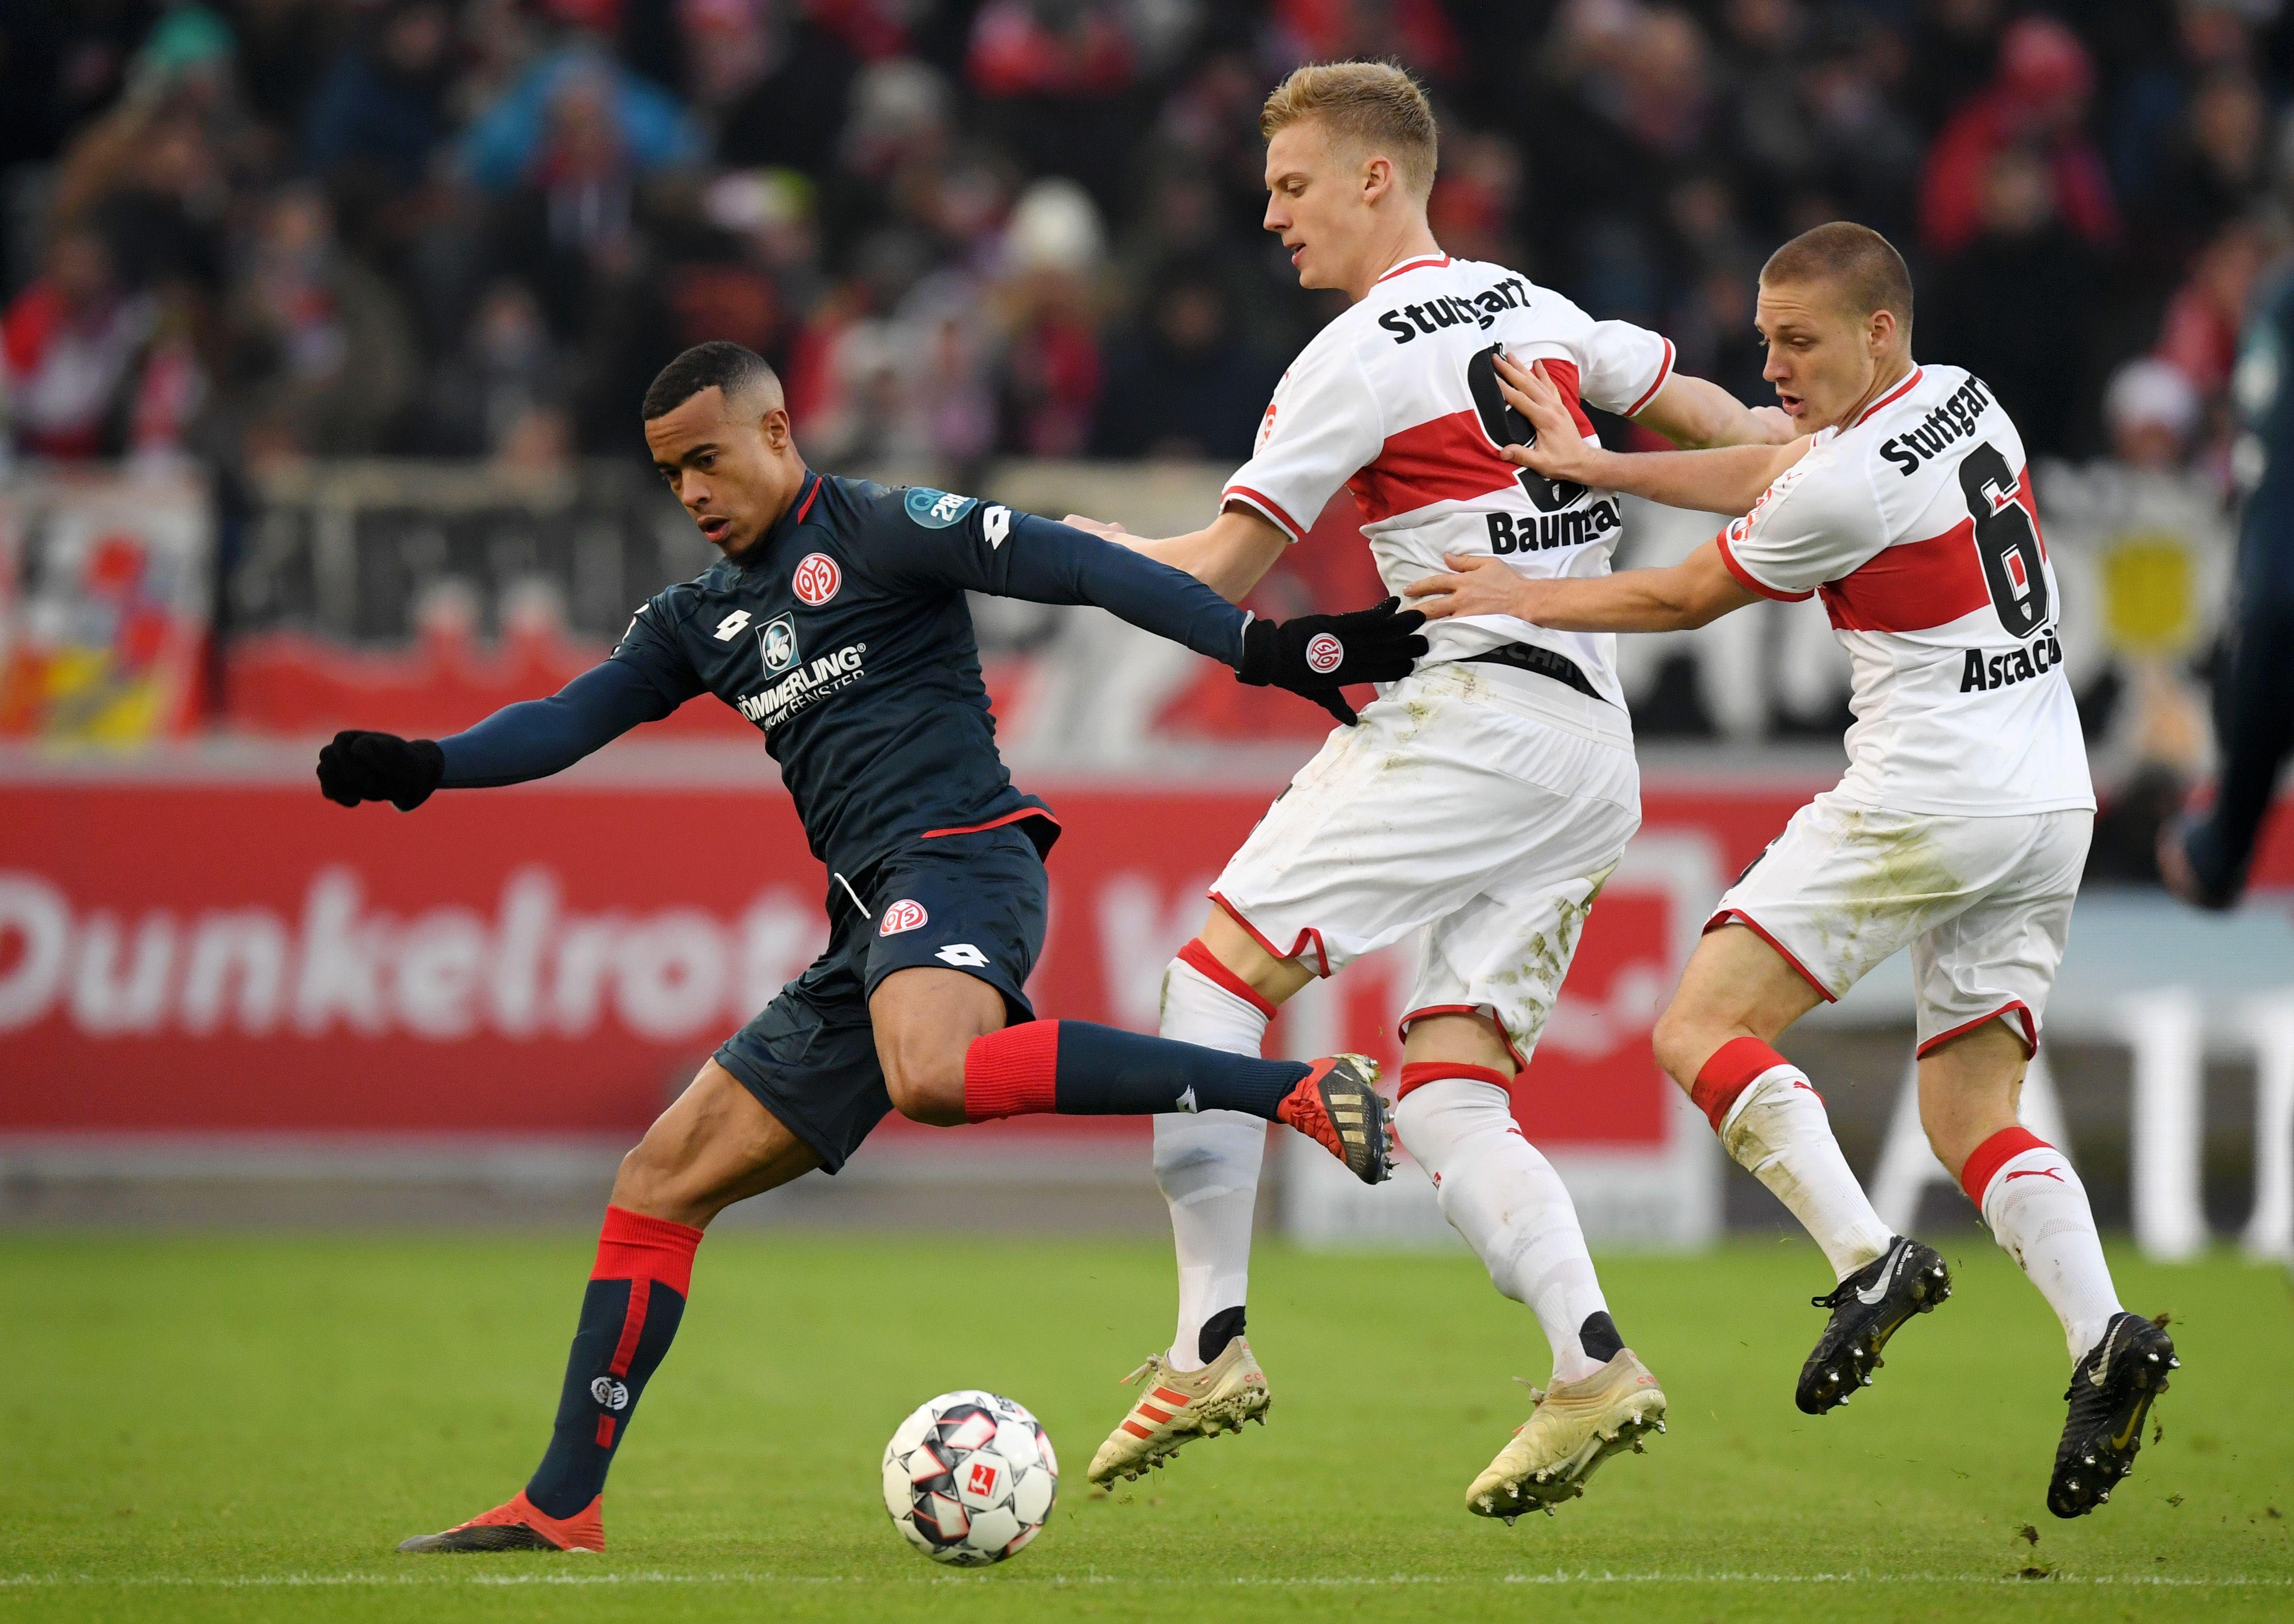 Gol en contra de Ascacibar en la caída de Stuttgart